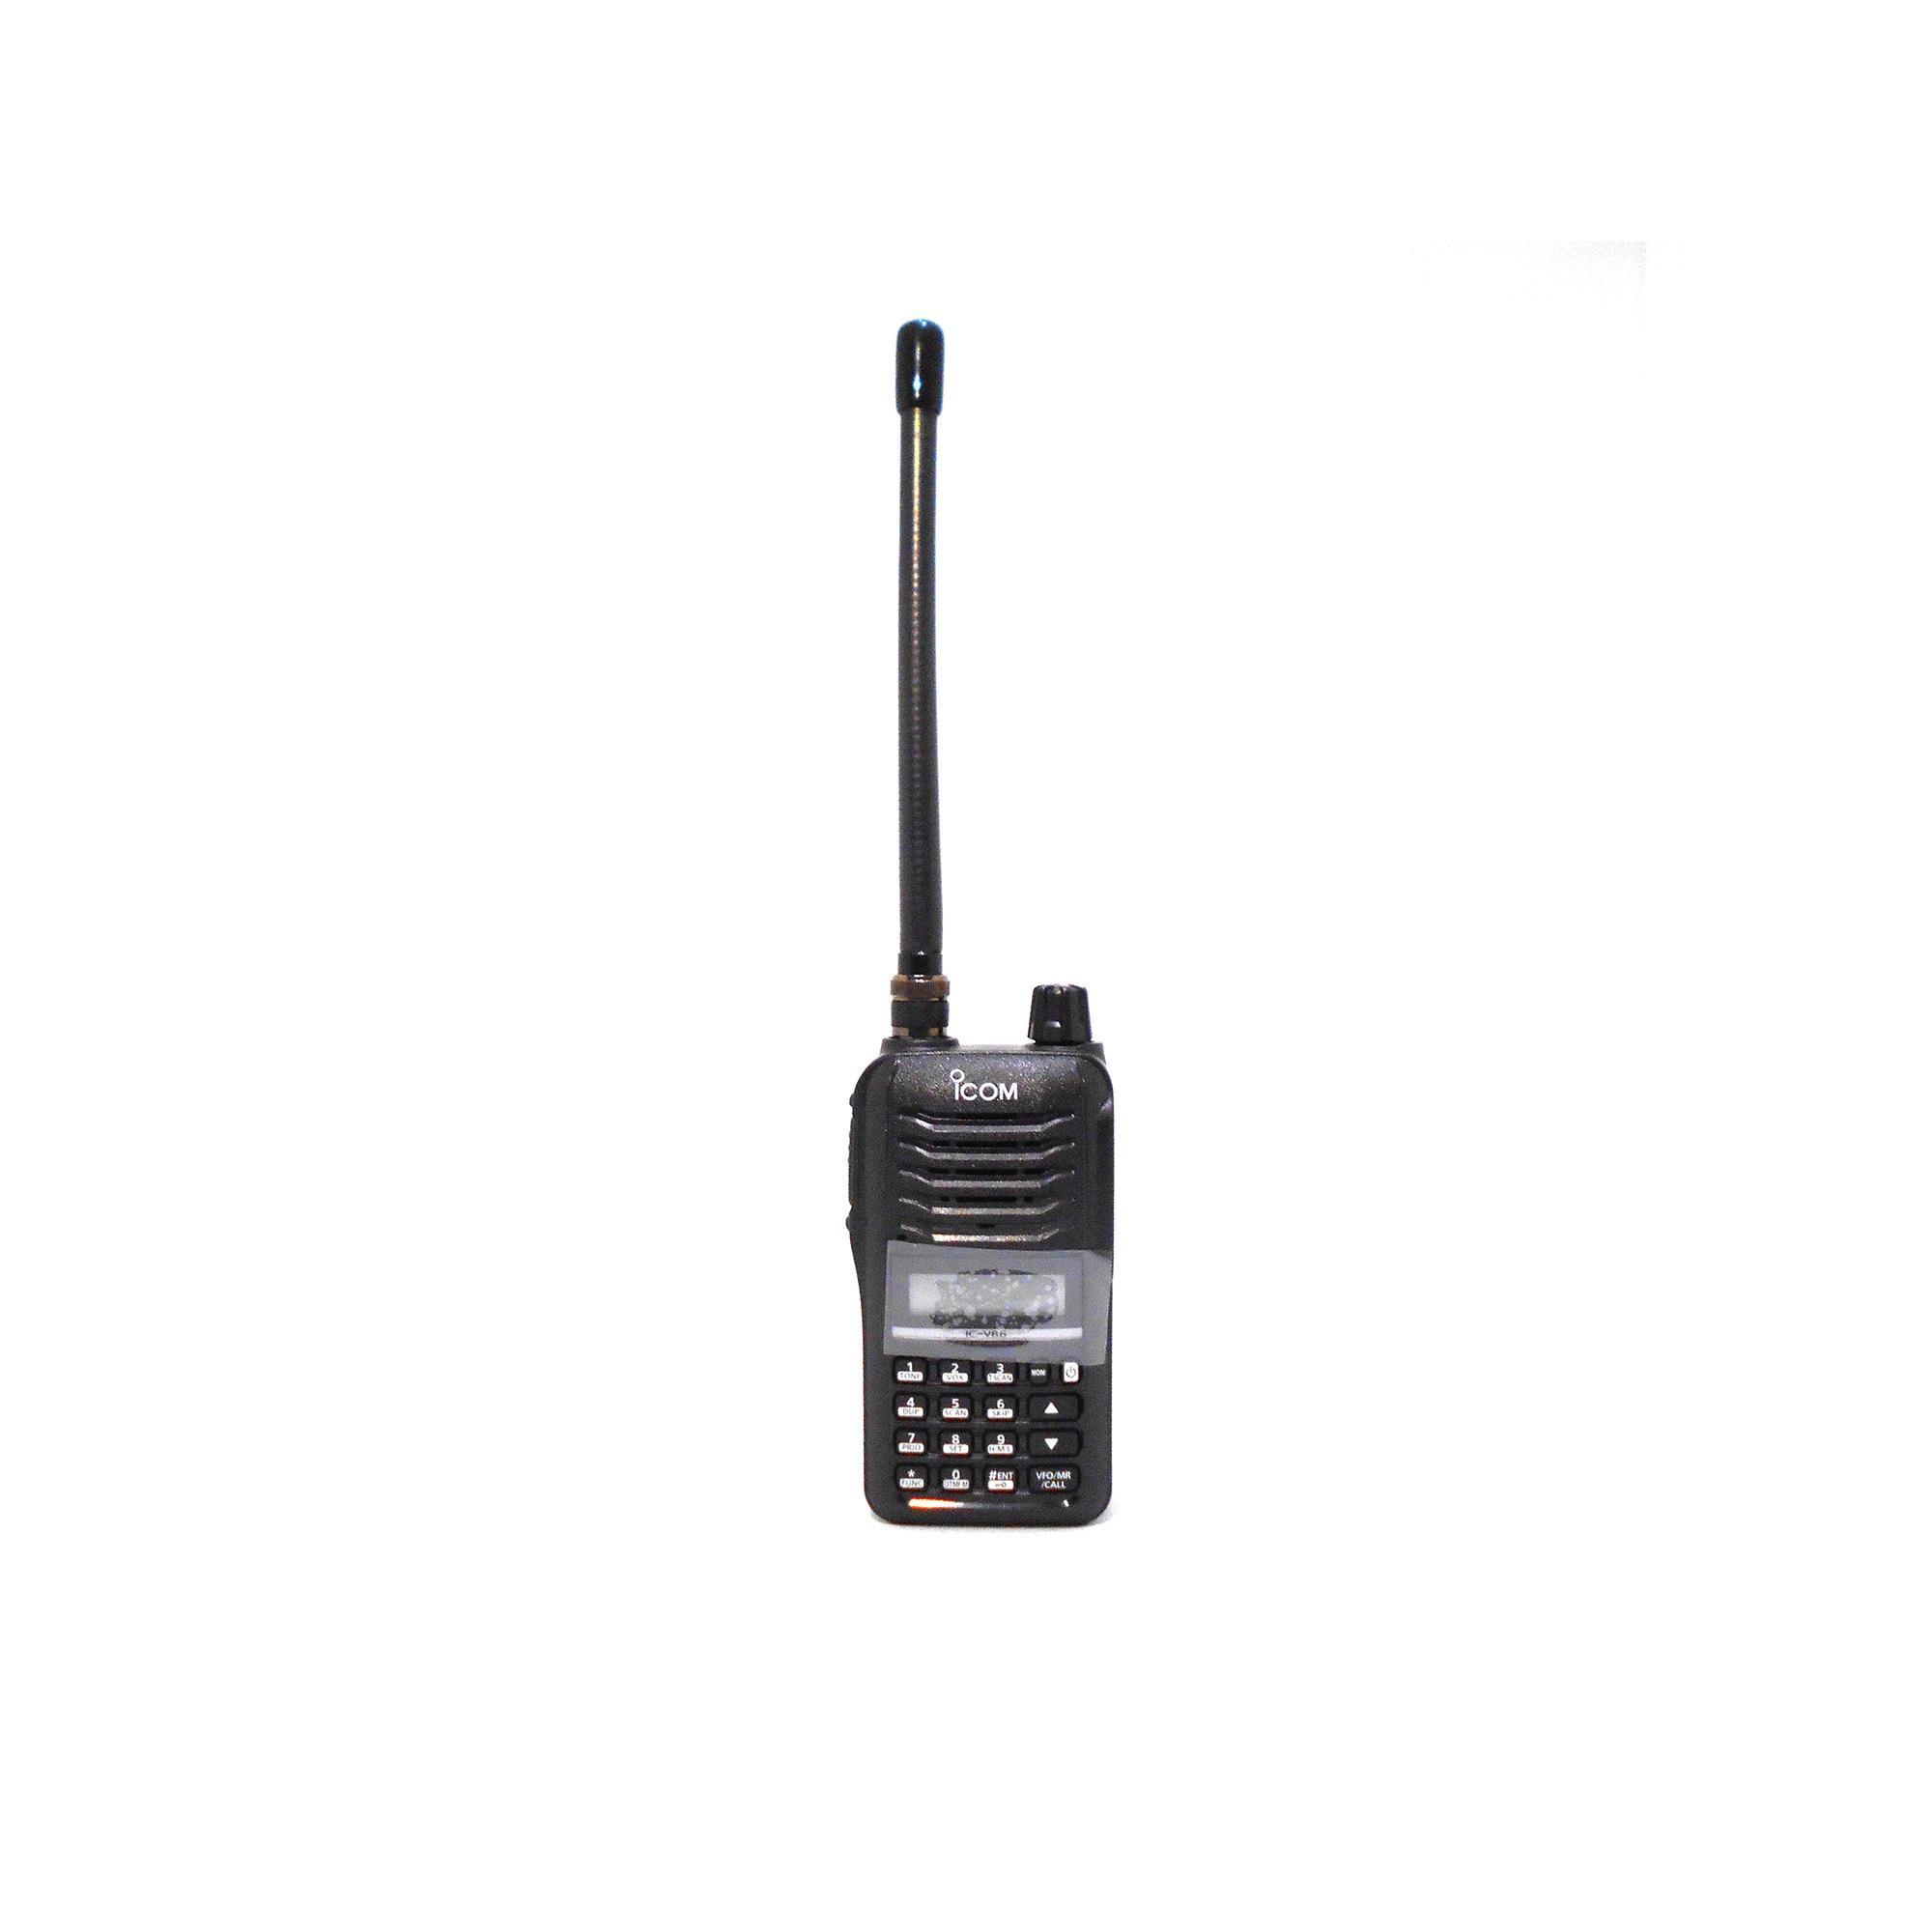 Icom ic-v86 vhf radio transceiver 136–174 MHz